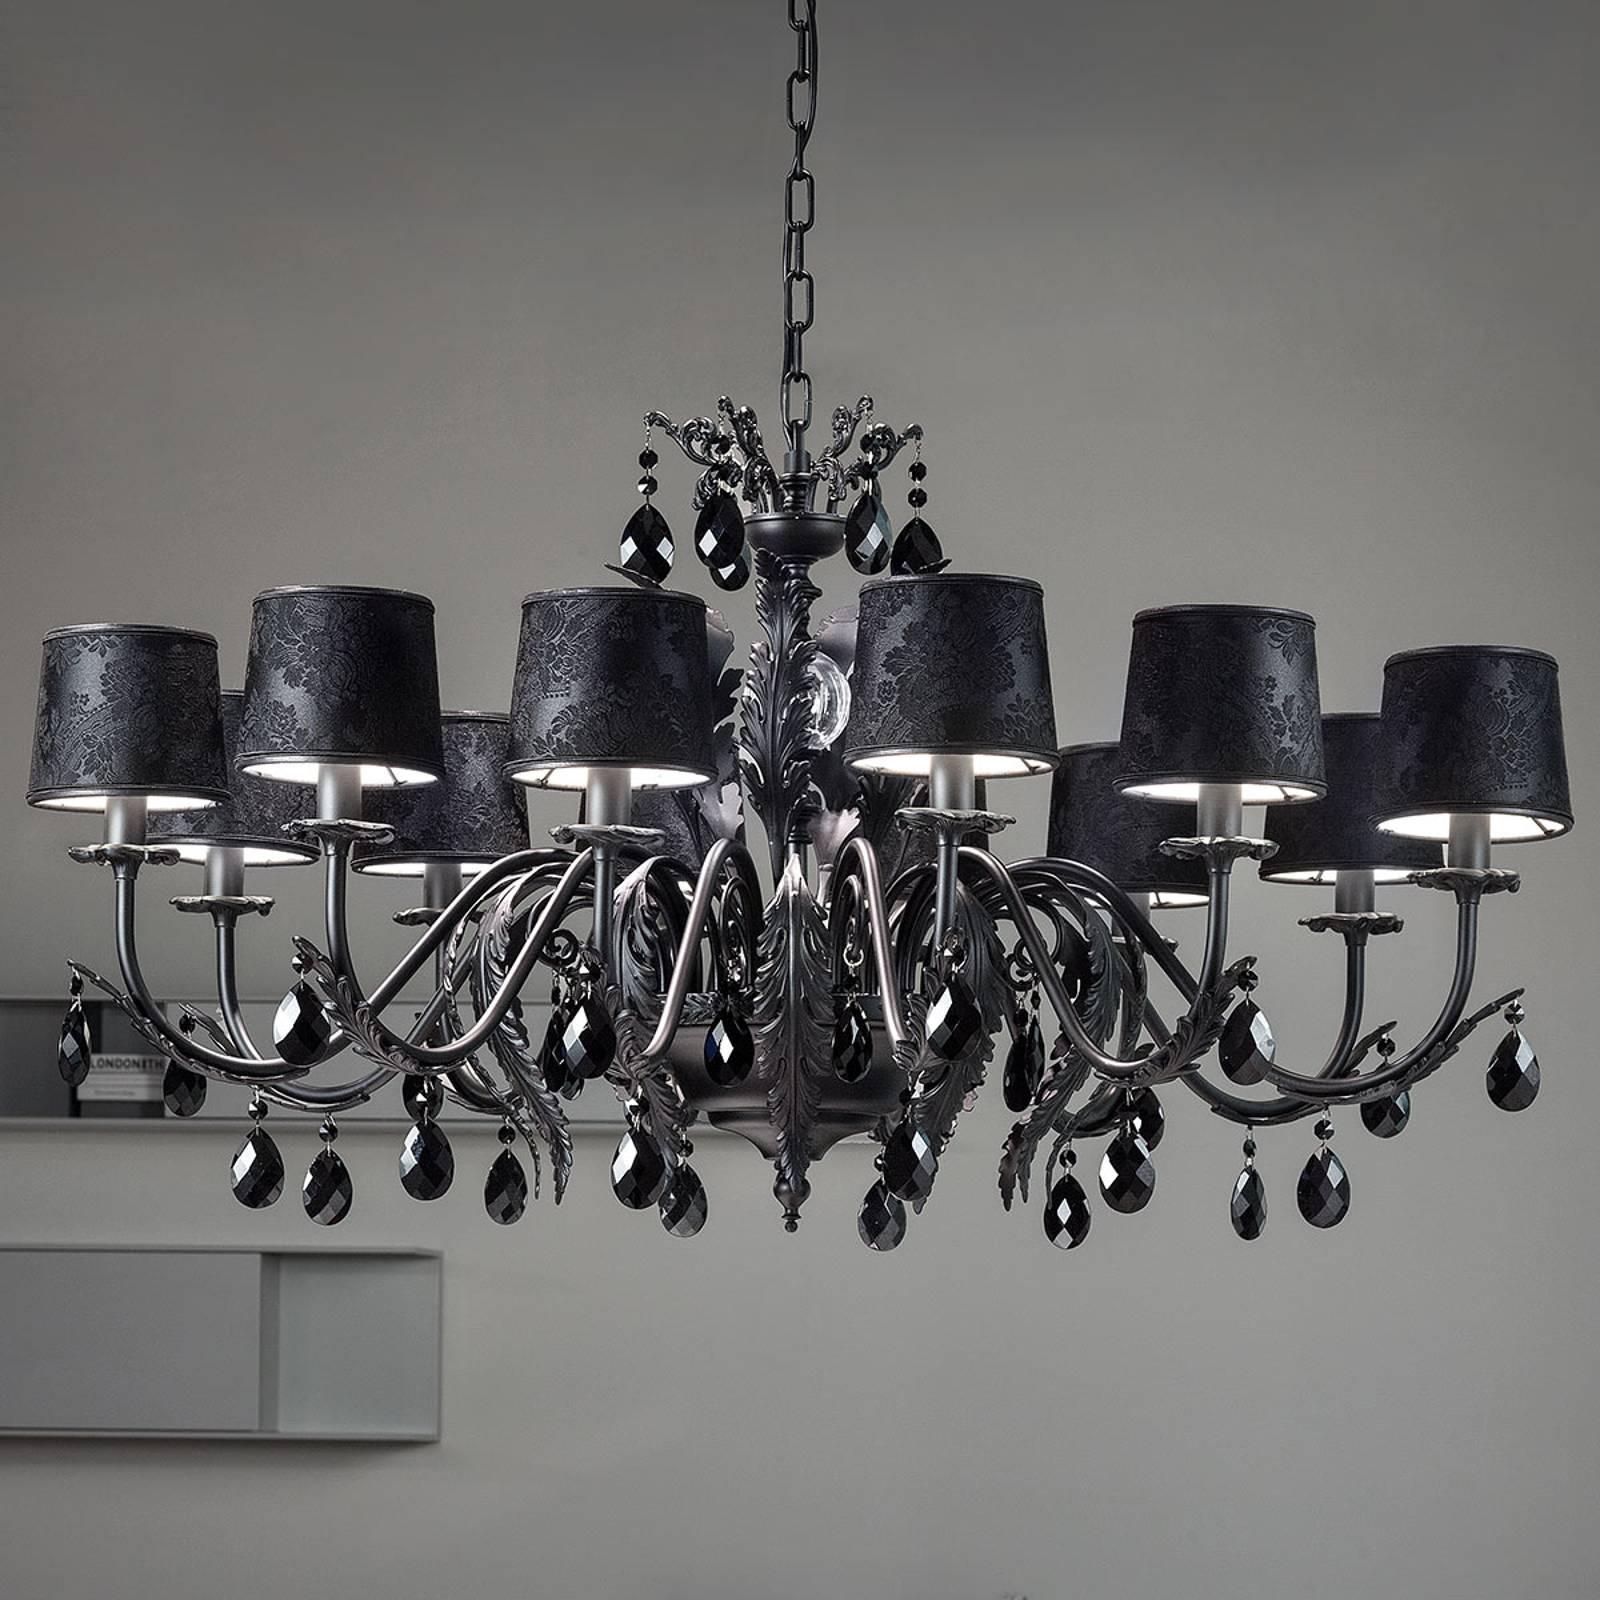 deckenlampen von masiero und andere lampen f r wohnzimmer online kaufen bei m bel garten. Black Bedroom Furniture Sets. Home Design Ideas